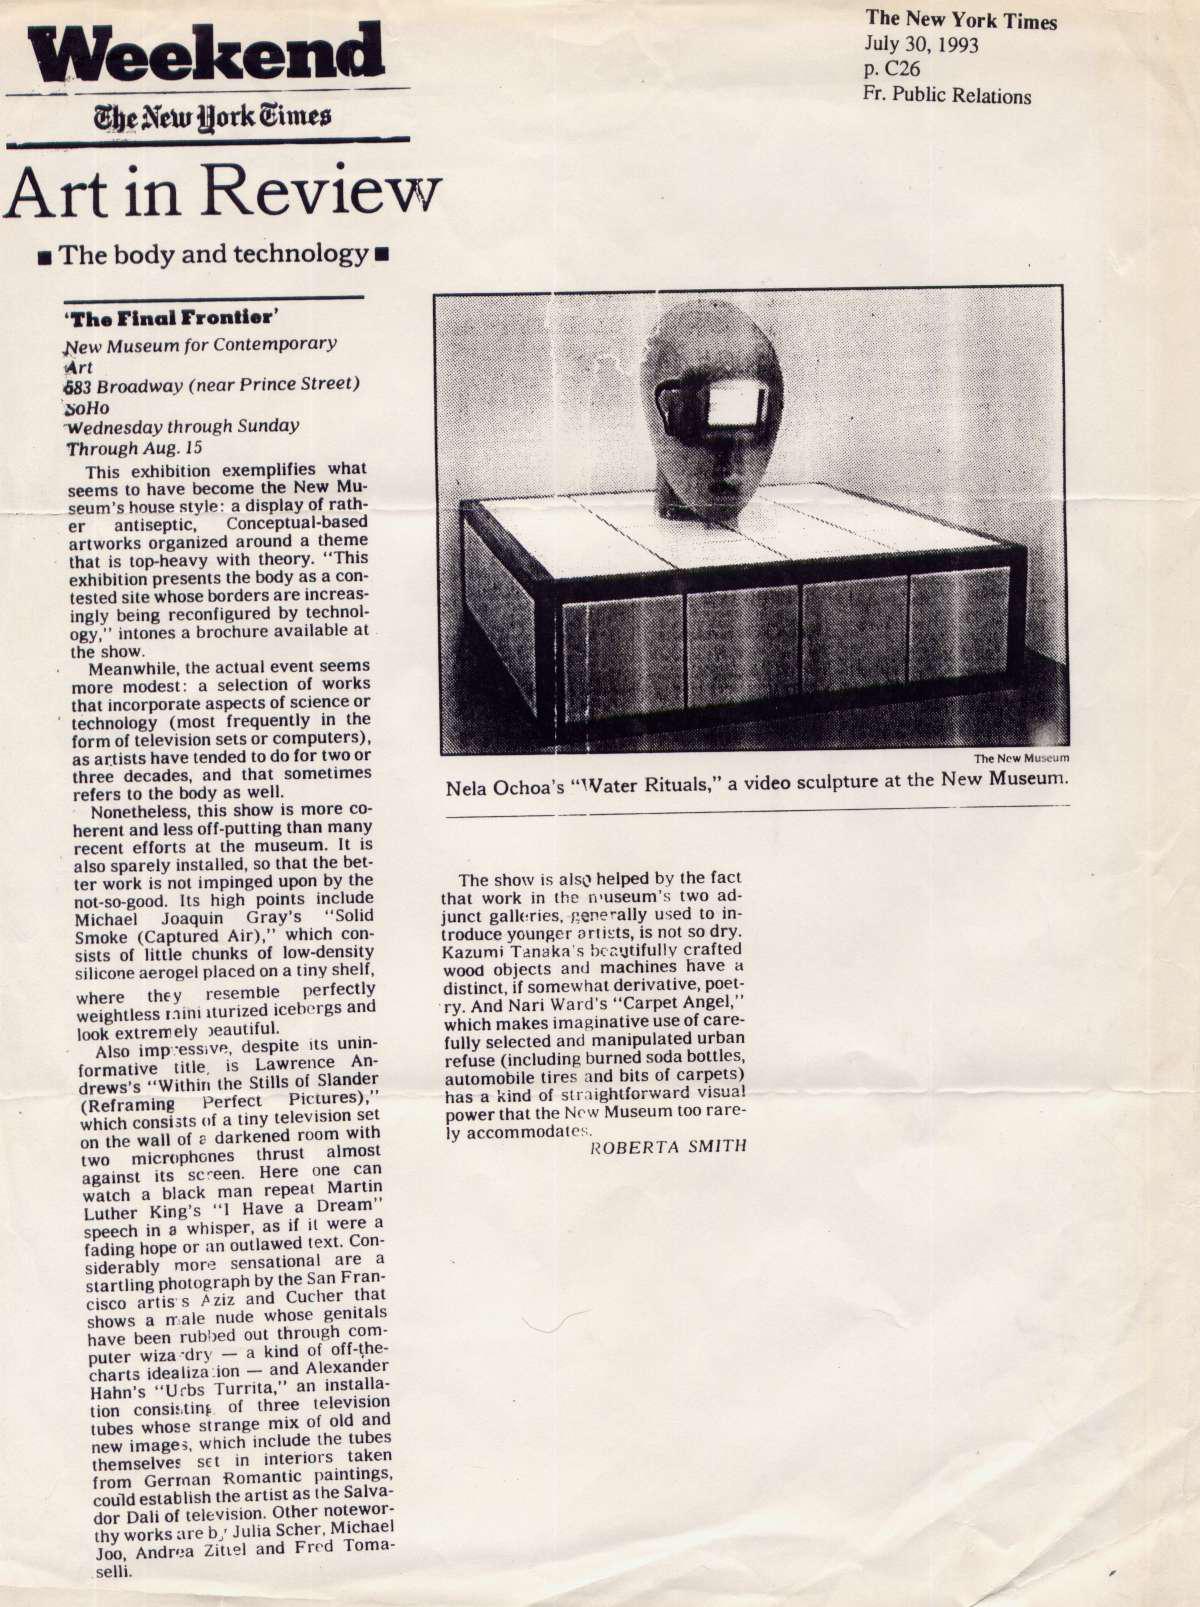 Reseña en el NY Times. Rituales de agua, 1993. Nueva York, EEUU.